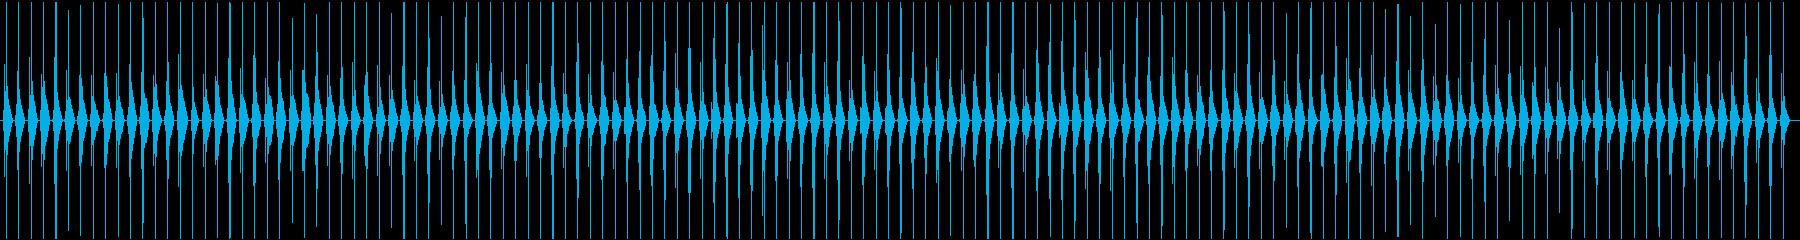 ゼンマイ仕掛けの時計の秒針(チクタク)Bの再生済みの波形